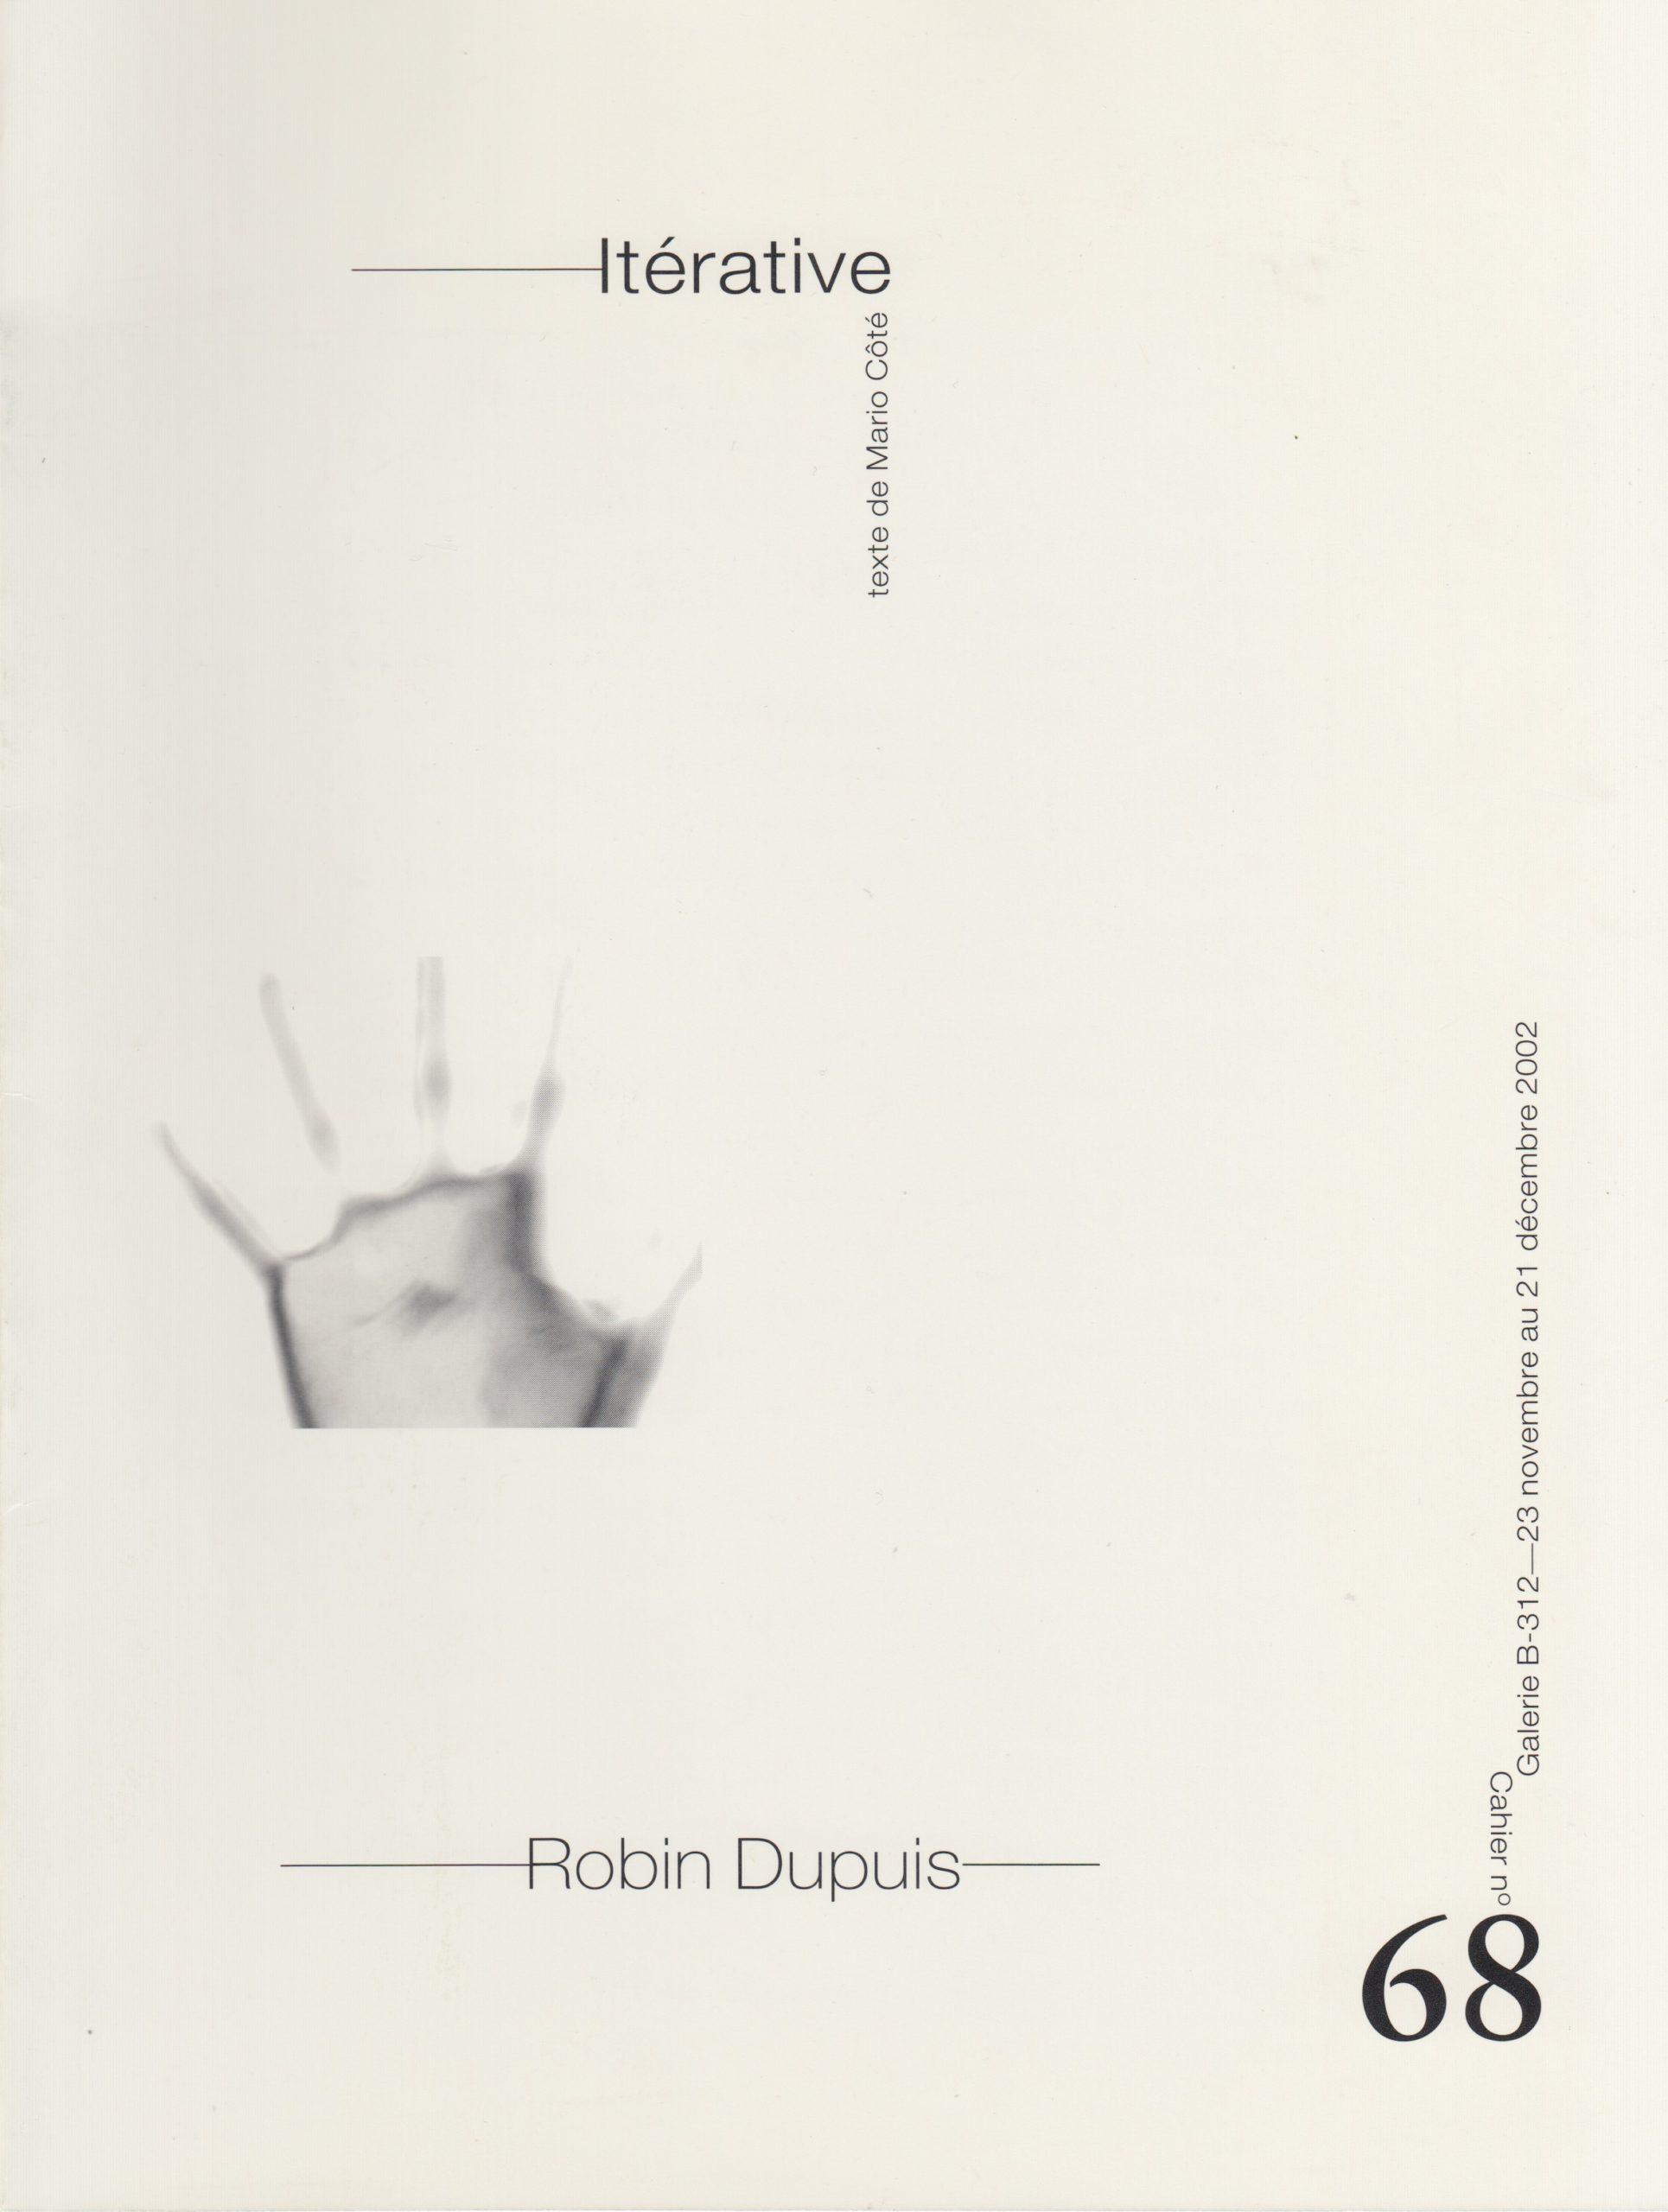 La Voix qui regarde le silence / Itérative, Robin Dupuis, Cahier no 68, Galerie B-312, 2002